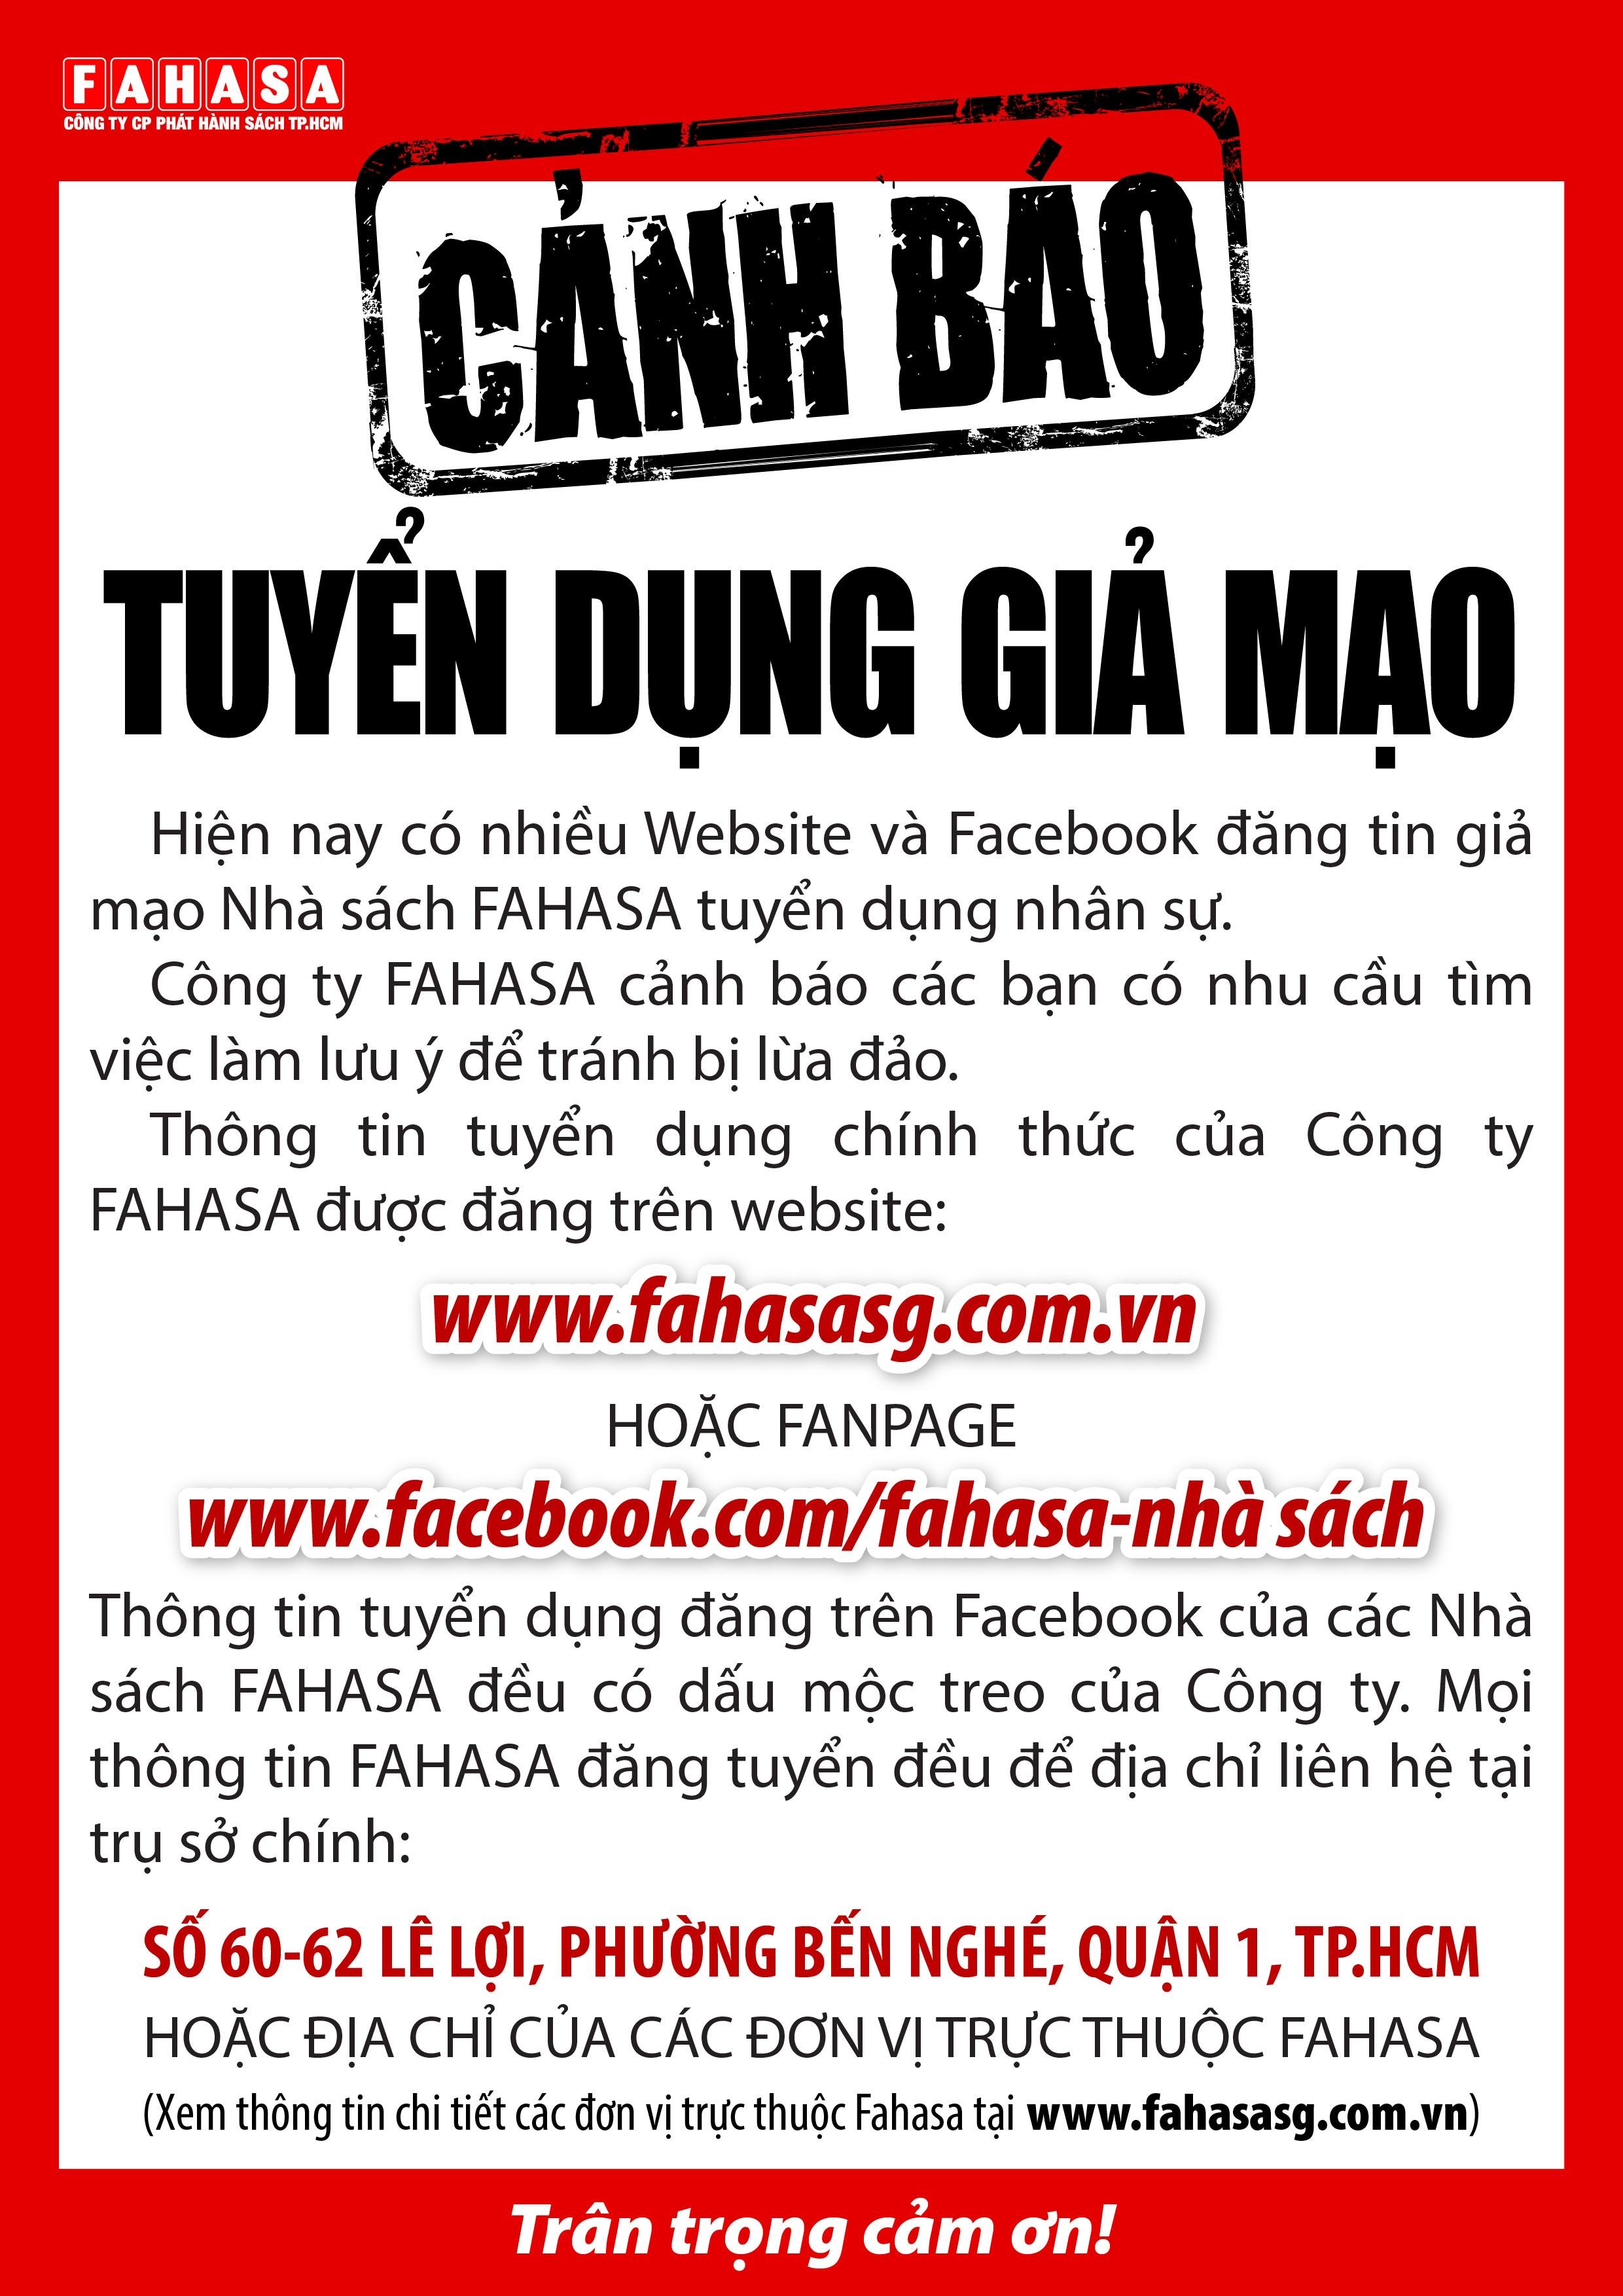 fahasa-CANH-BAO-LUA-DAO